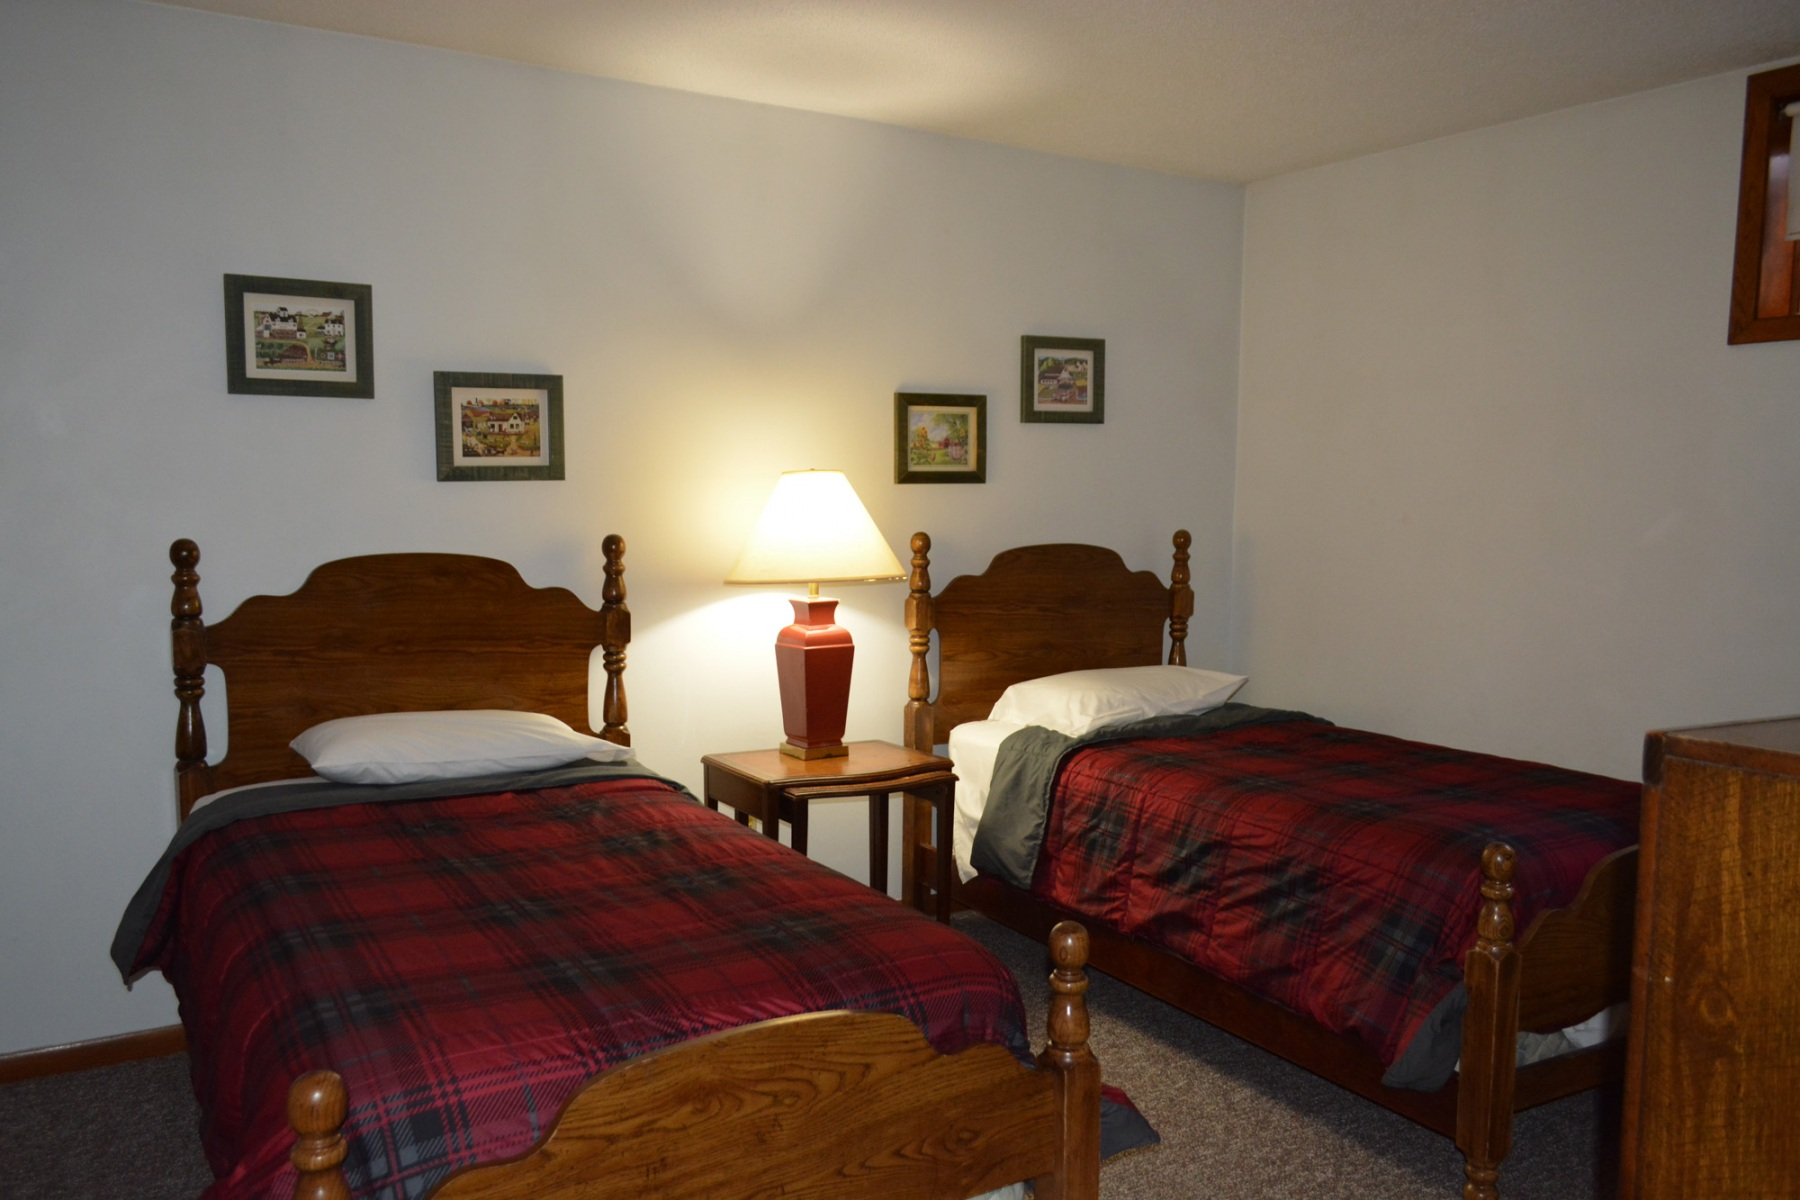 cub-bedroom